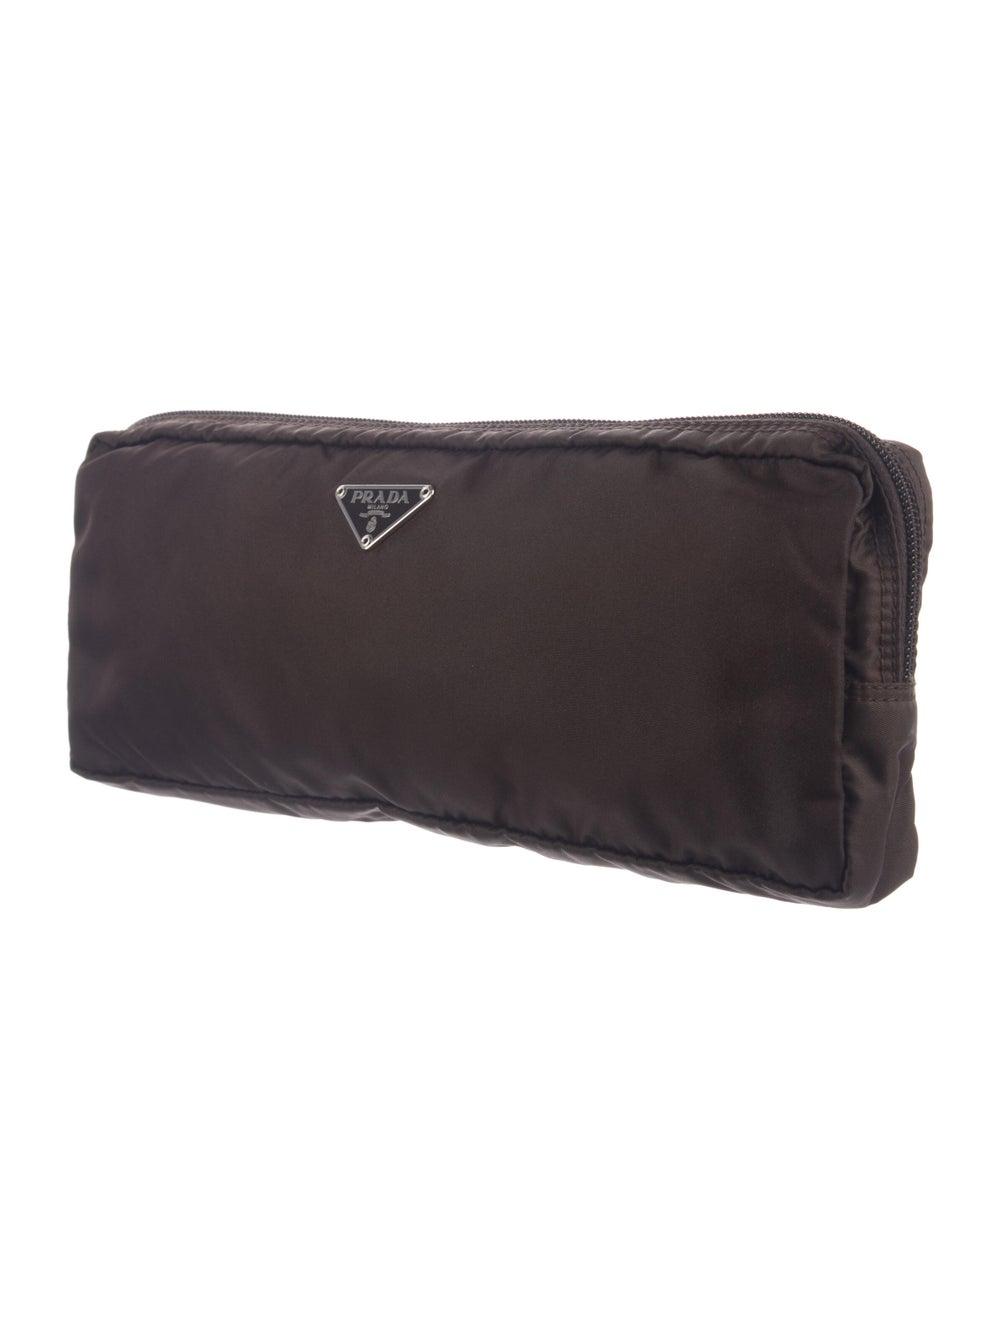 Prada Cosmetic Bag Brown - image 3